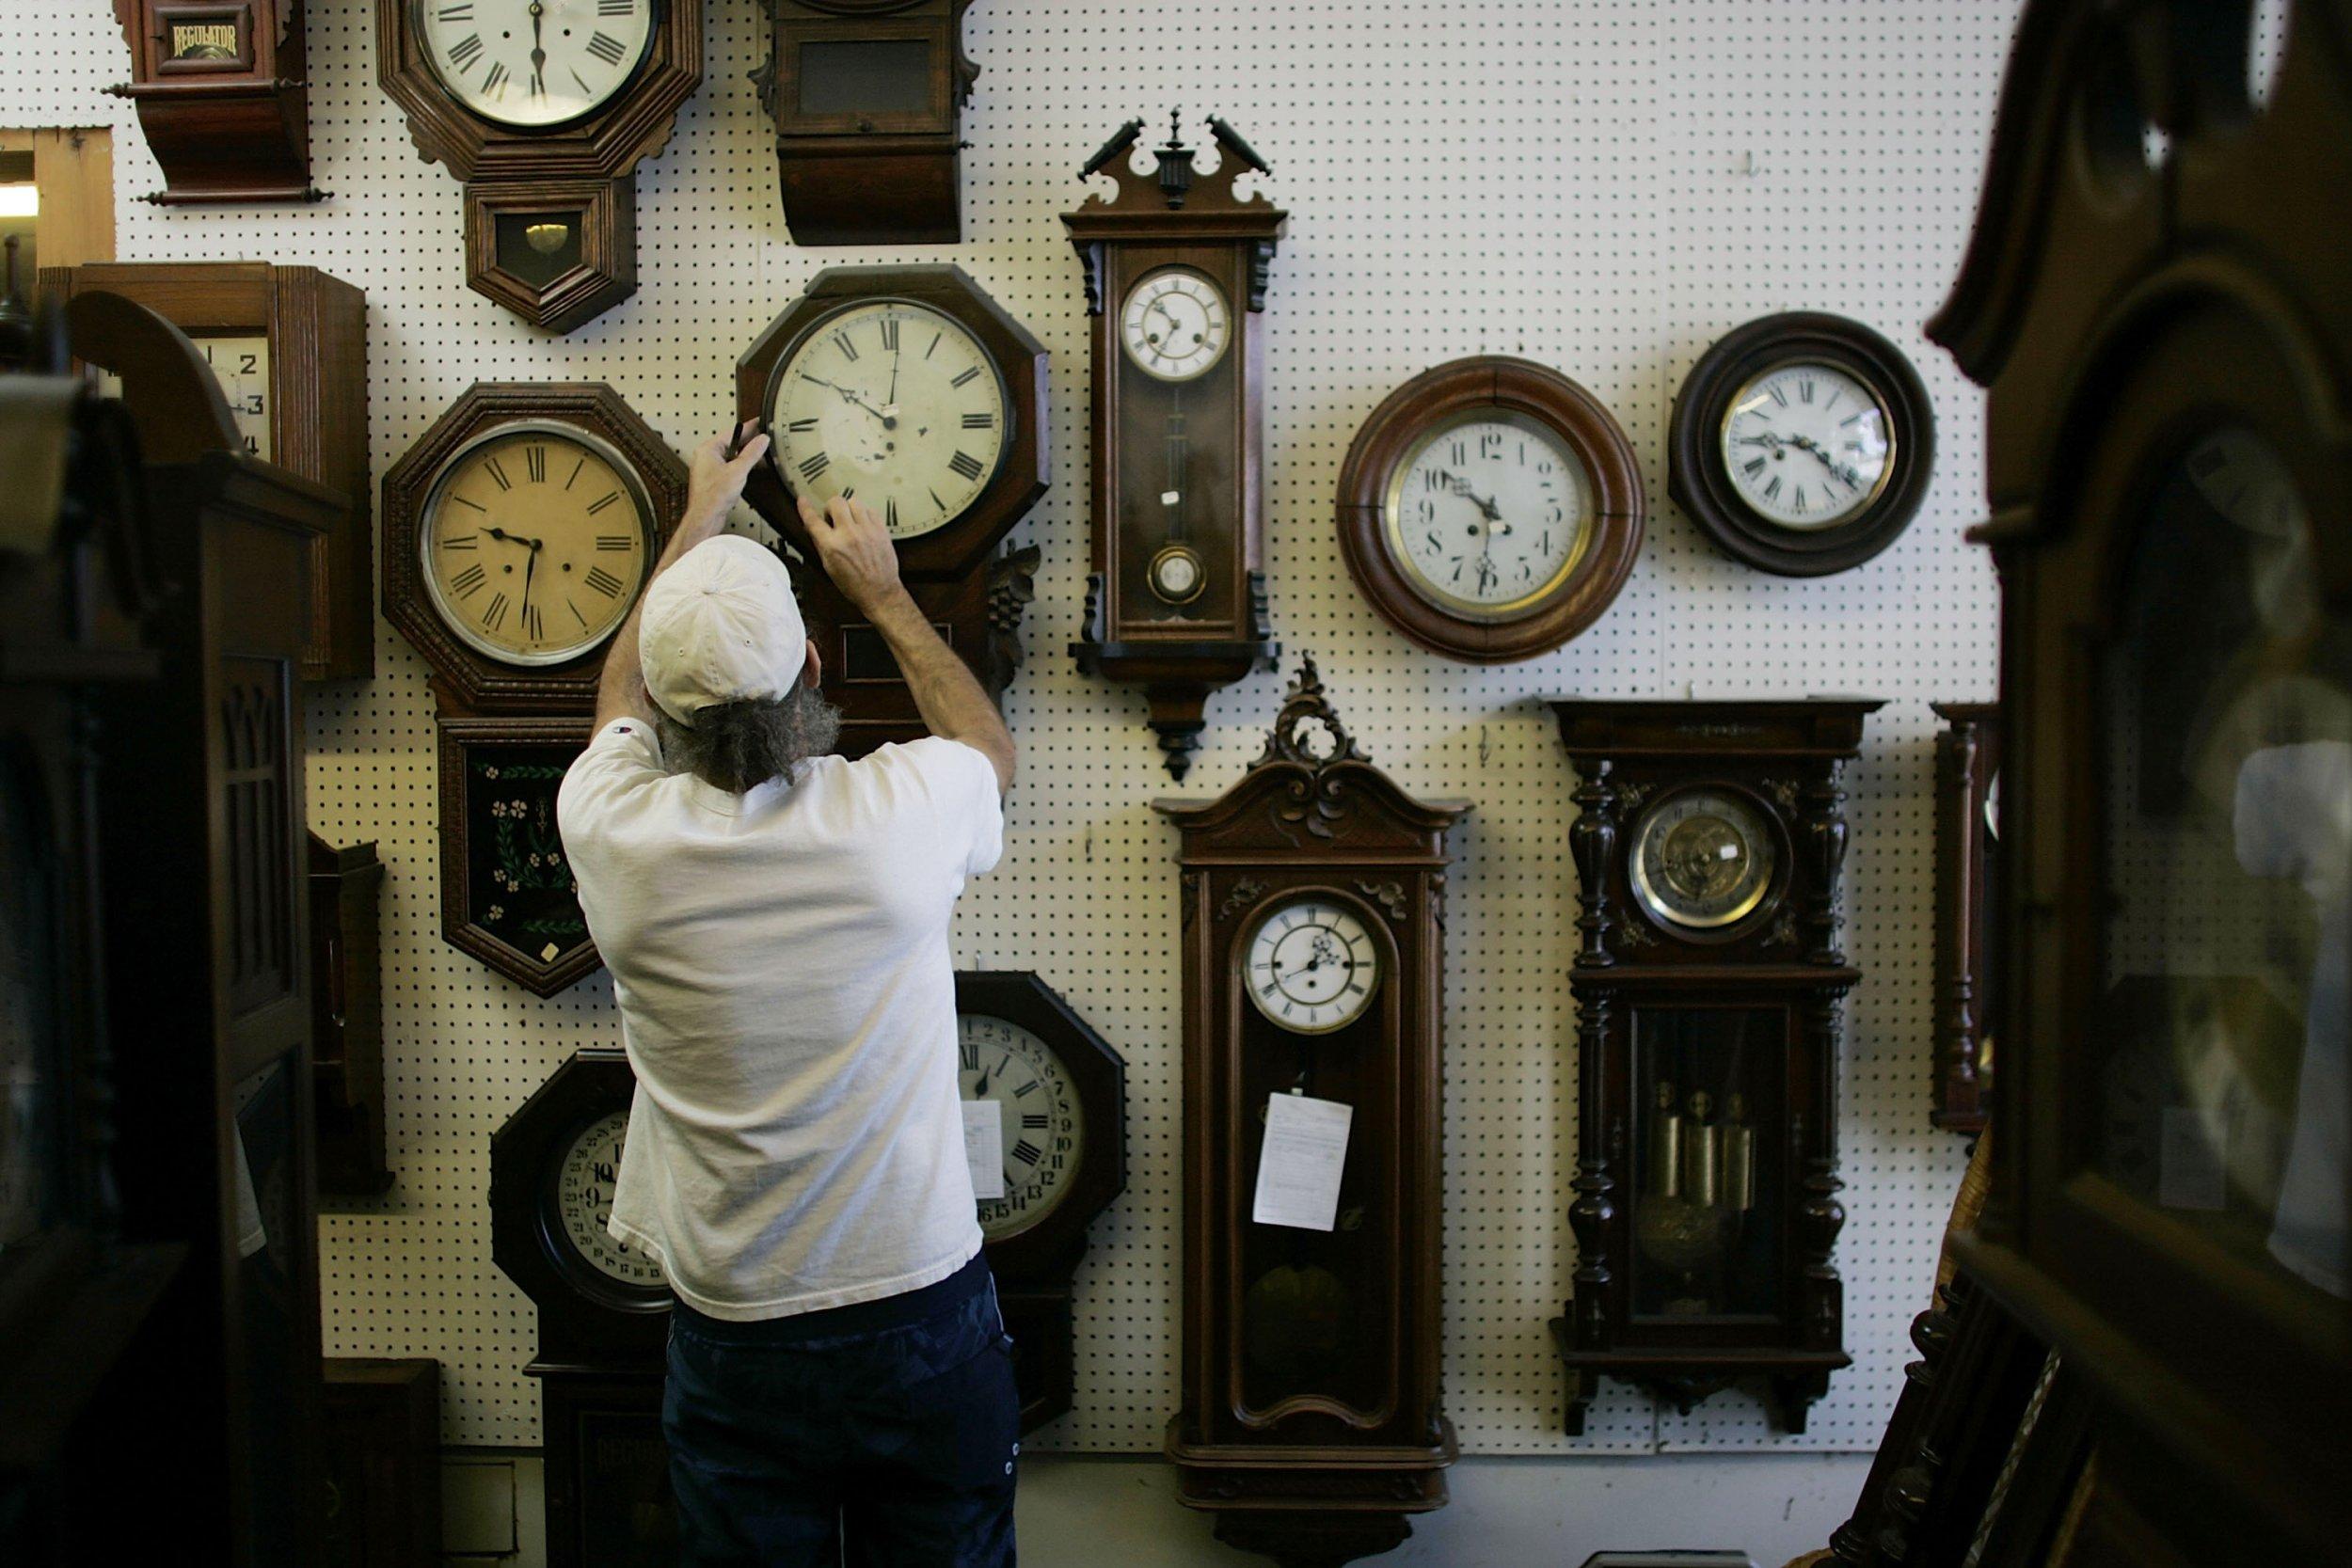 11_04_daylight_savings_time